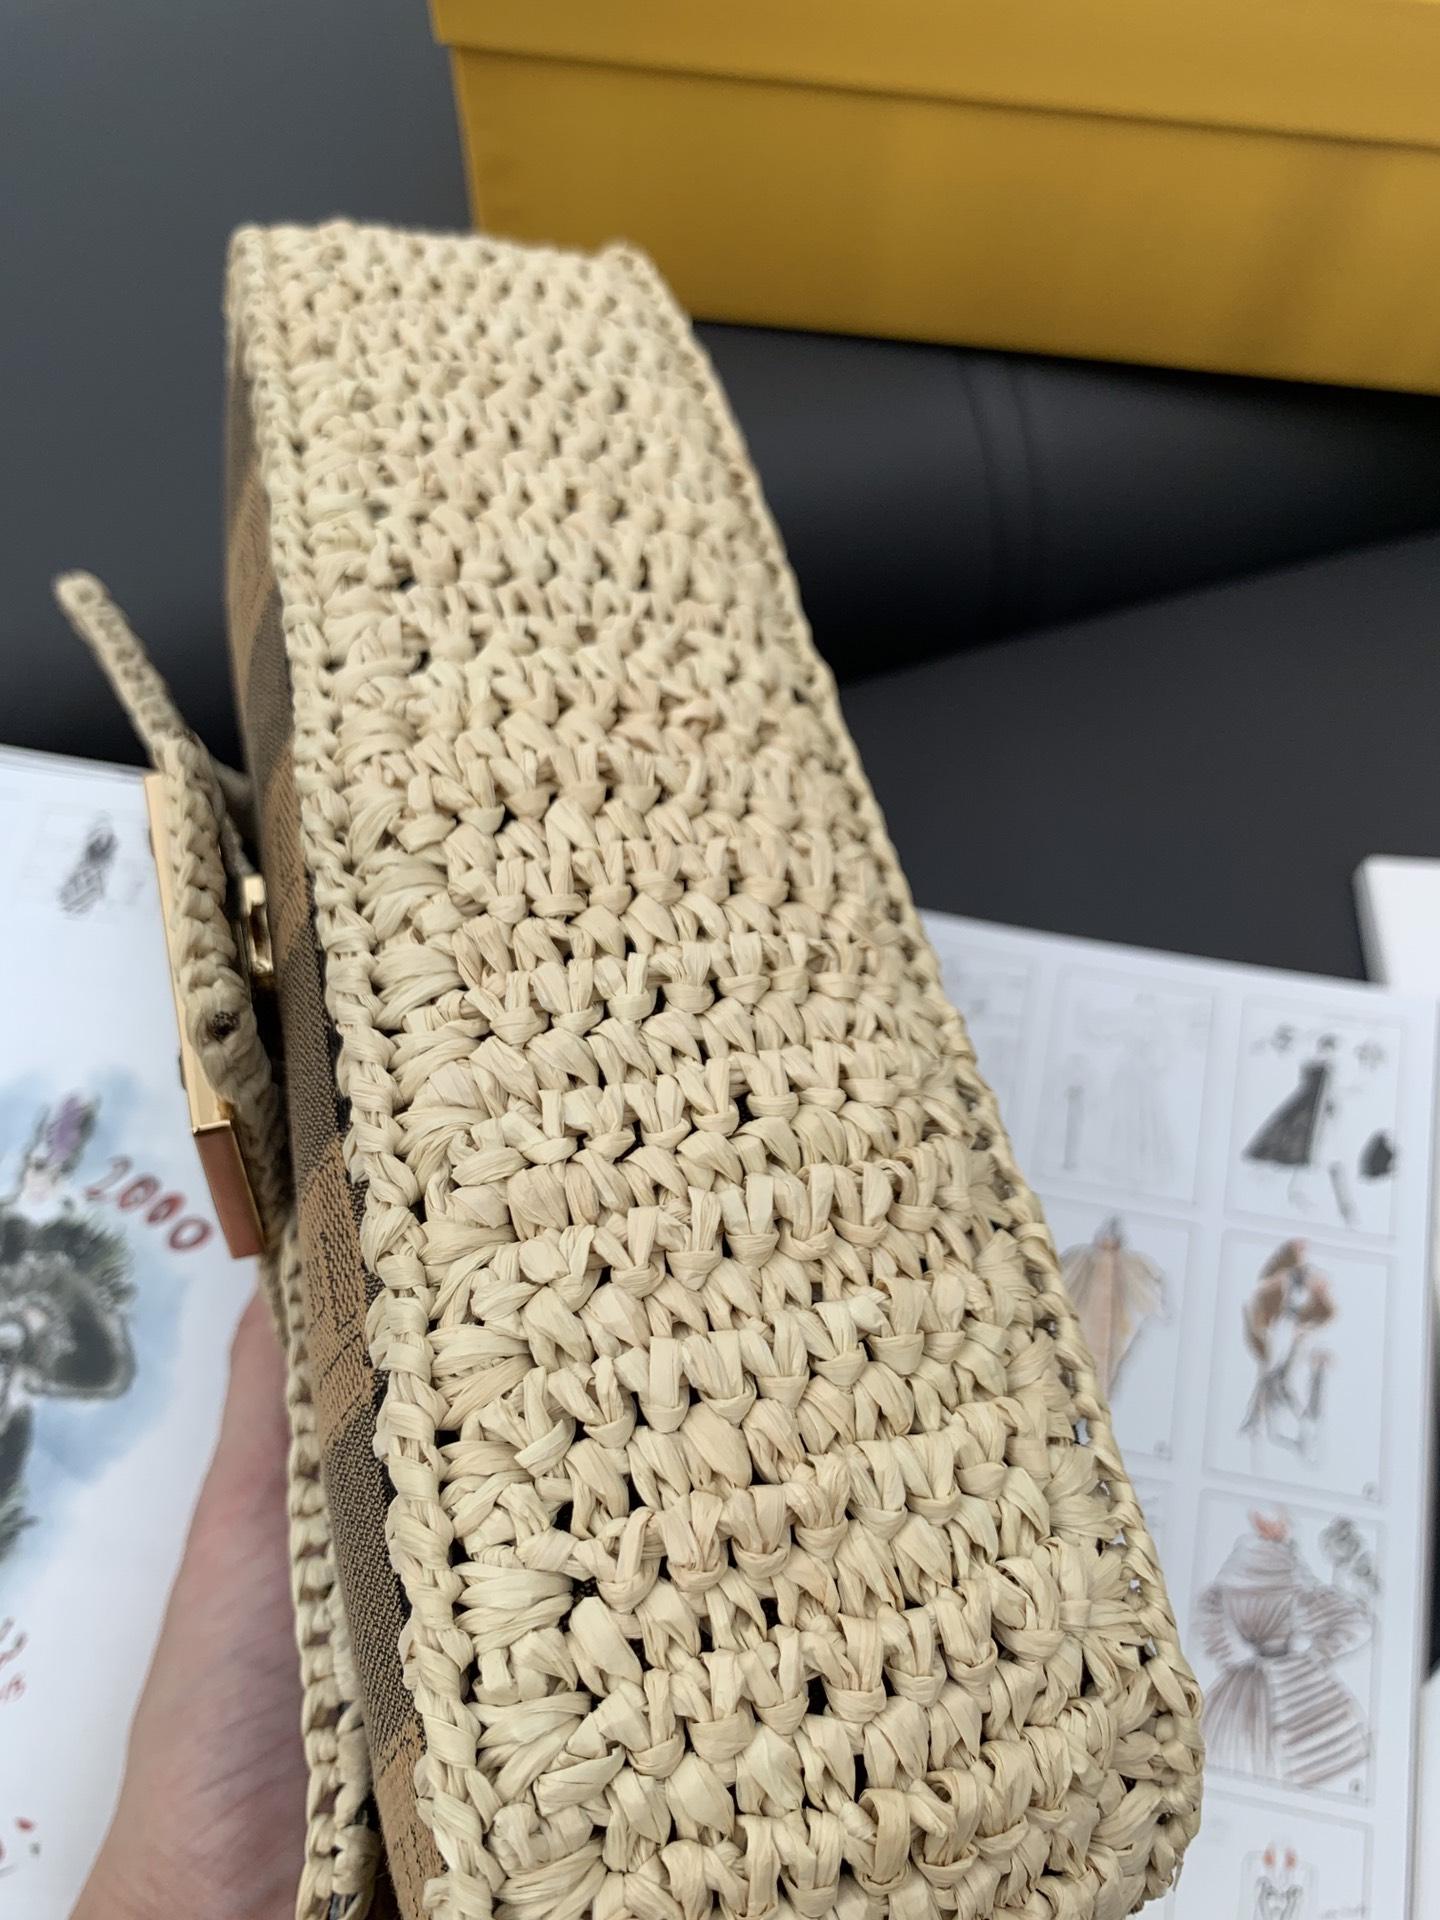 法棍 现货 宽带子 拉菲草编织拼接布面 自带高级感 26cm